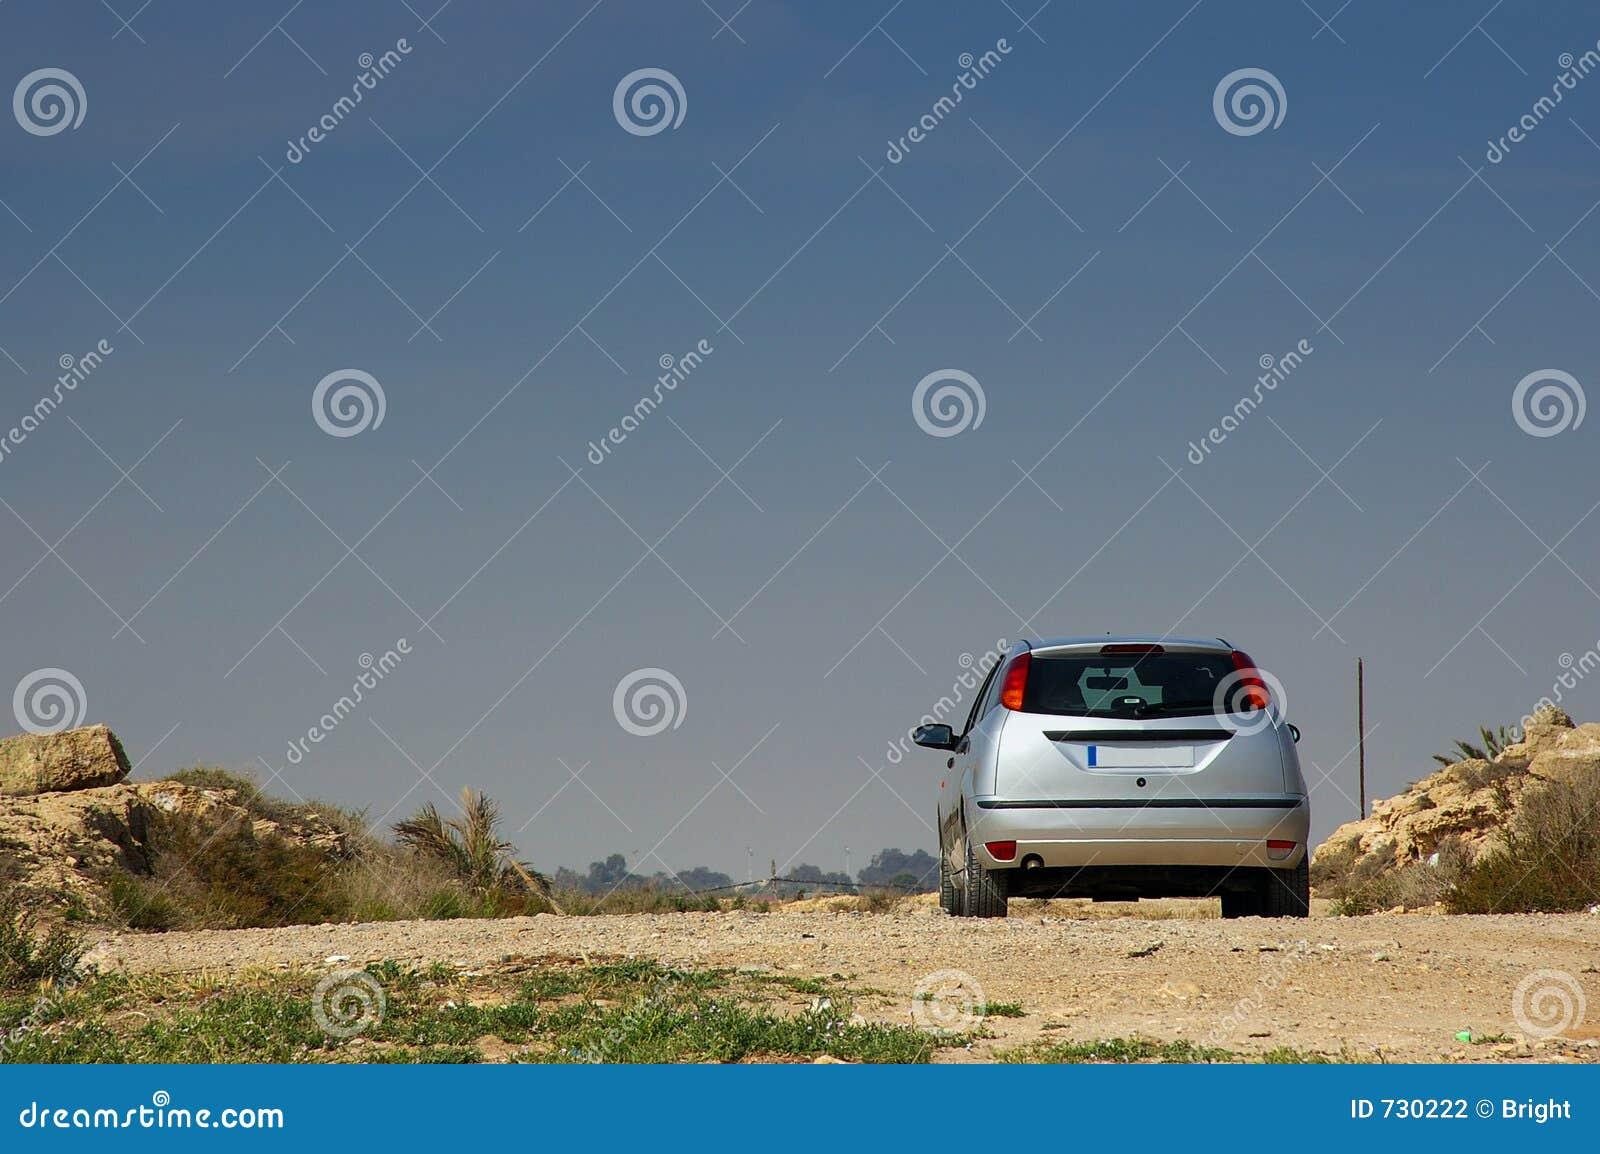 Déplacement en Car